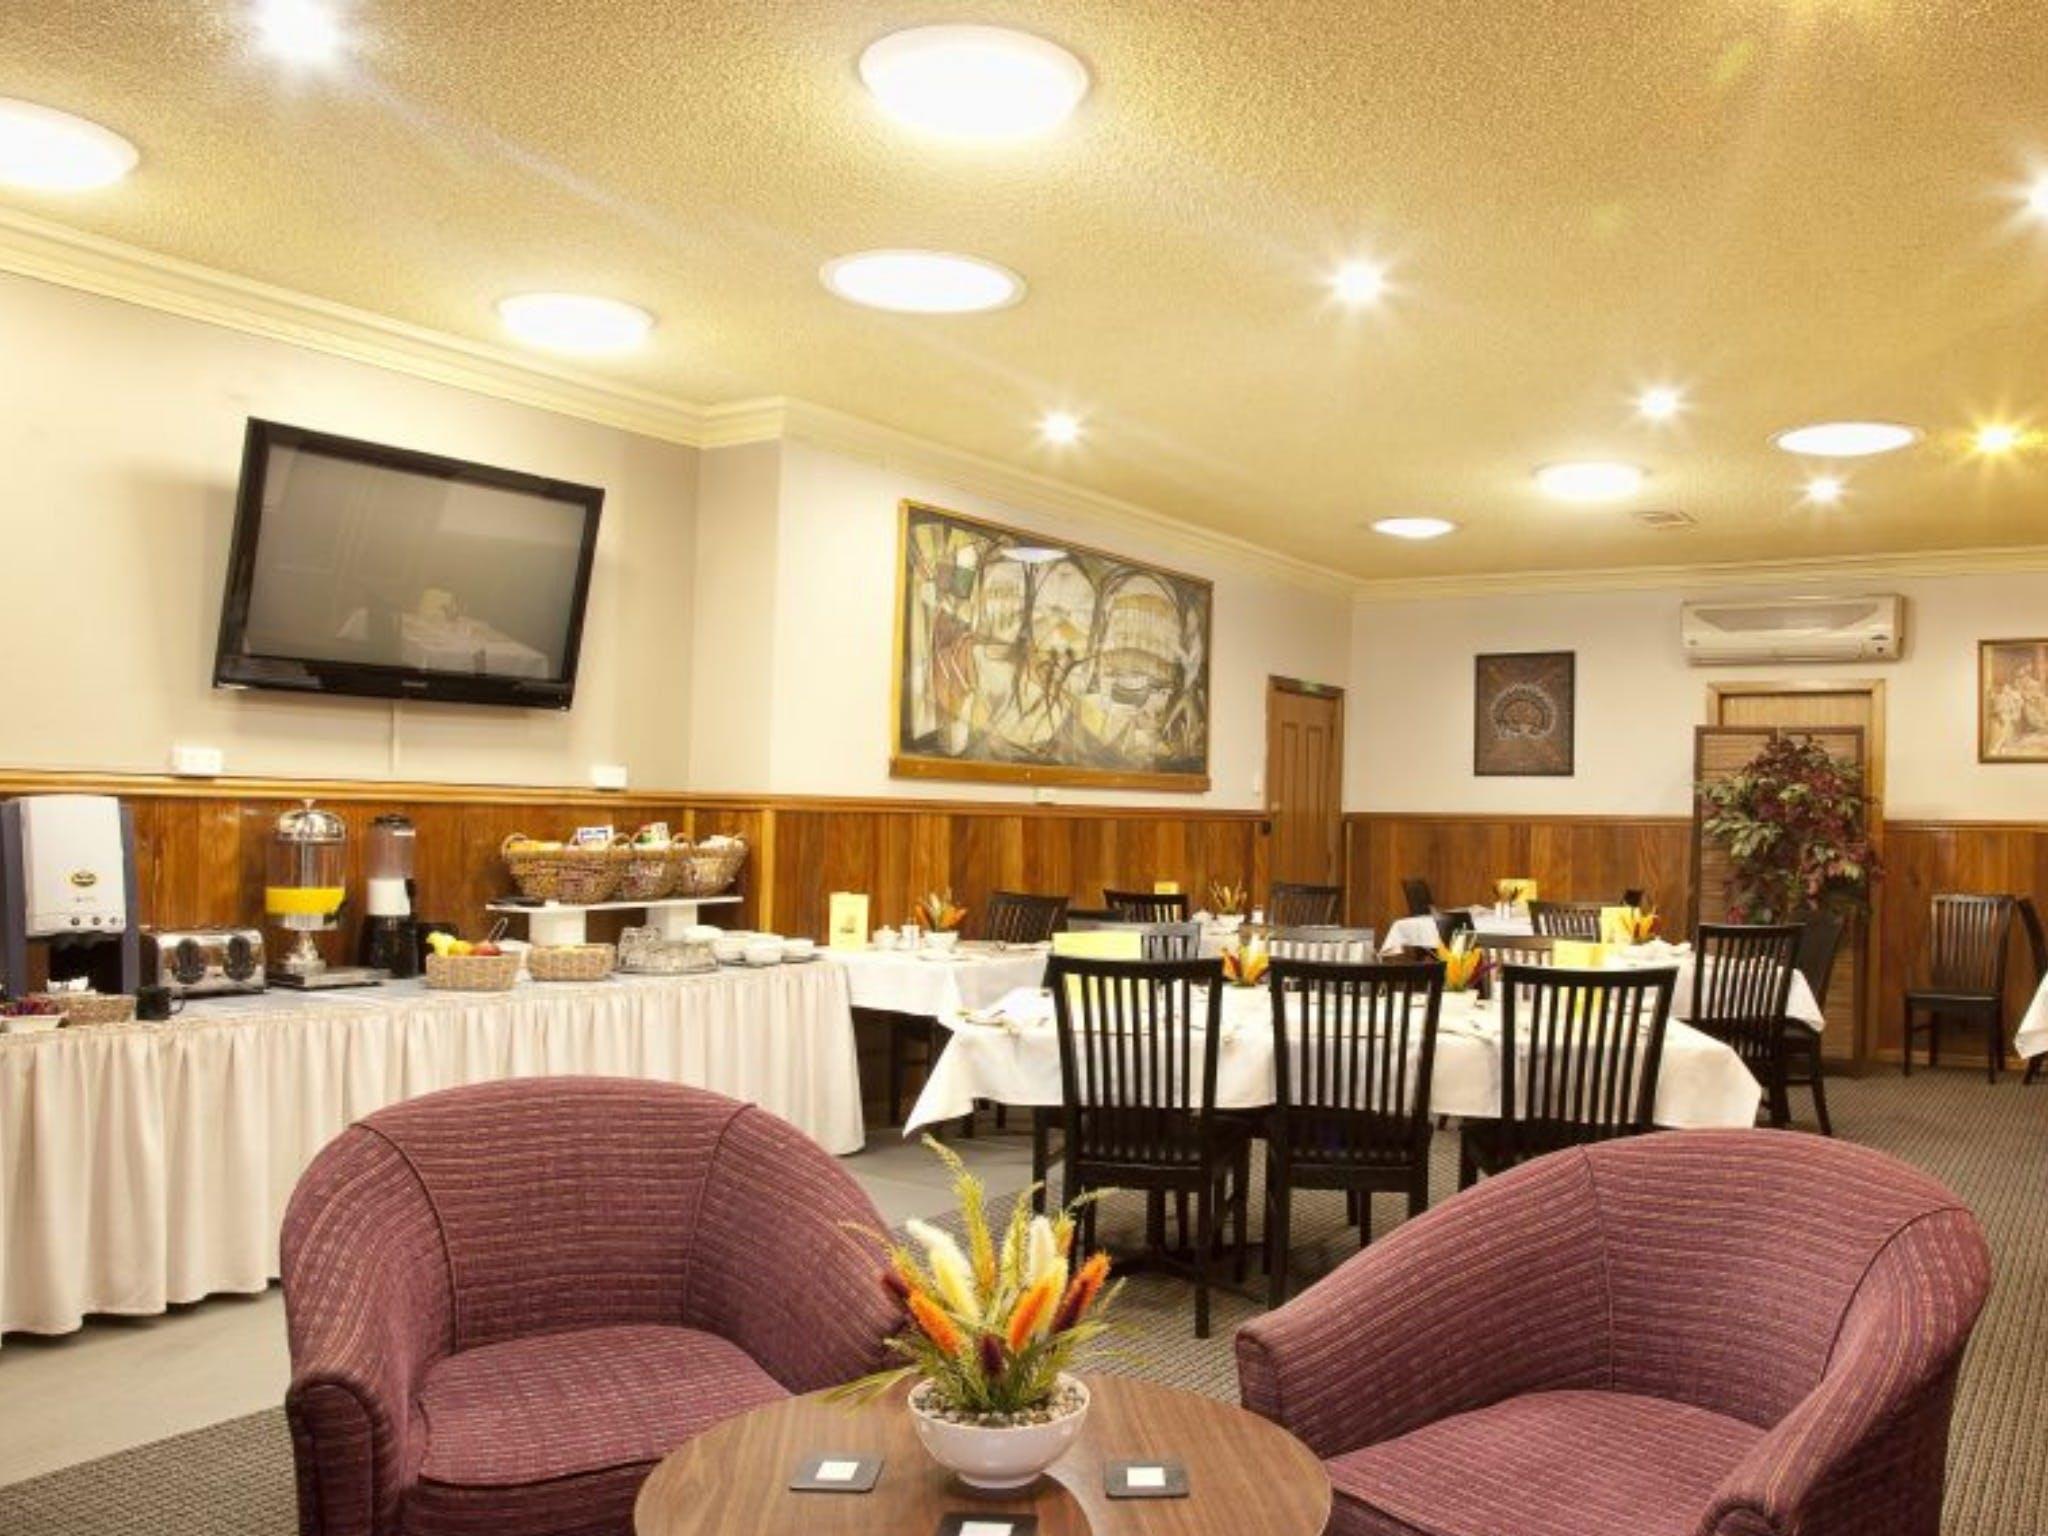 Endeavor Motel Restaurant